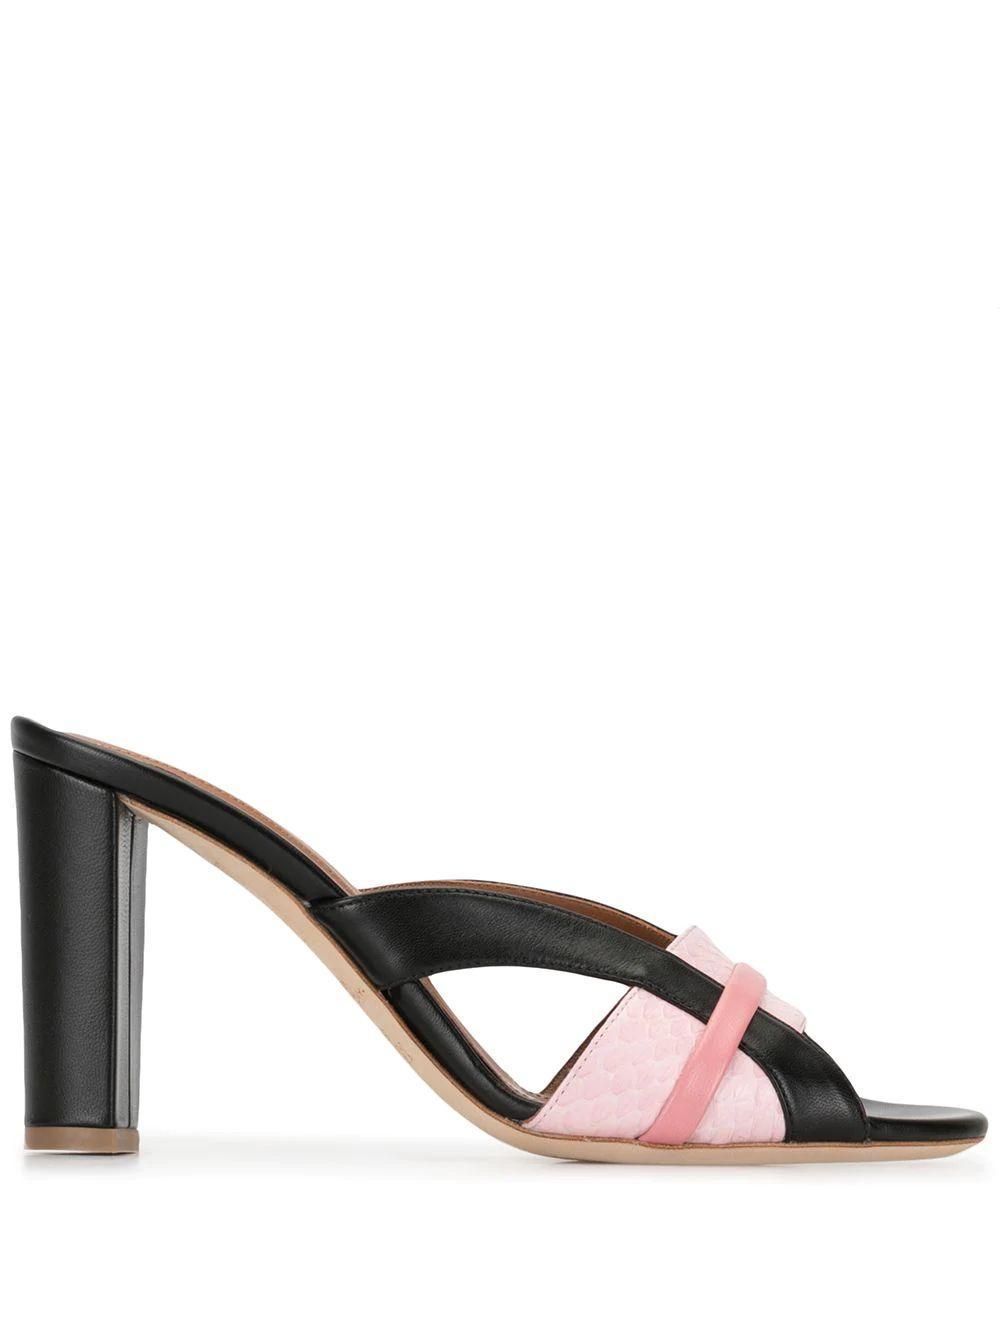 Gaia 85mm Sandal